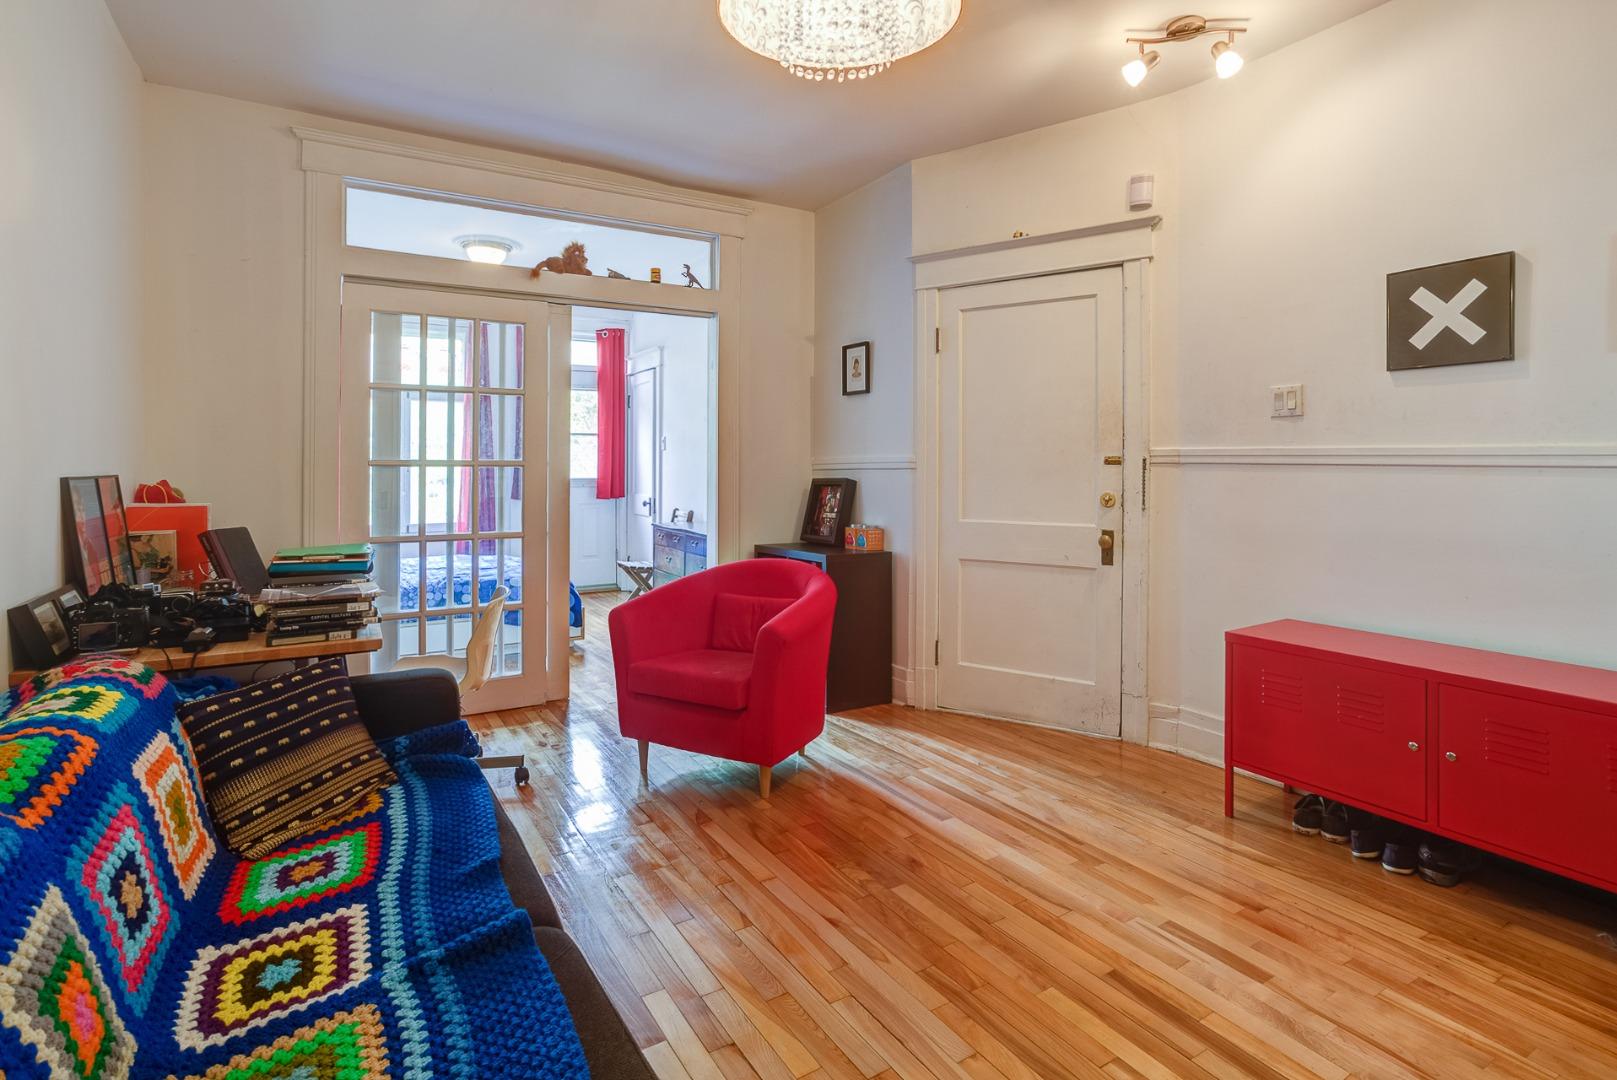 Condo à vendre Montréal Le Plateau Mont-Royal / Mile-end - Salon